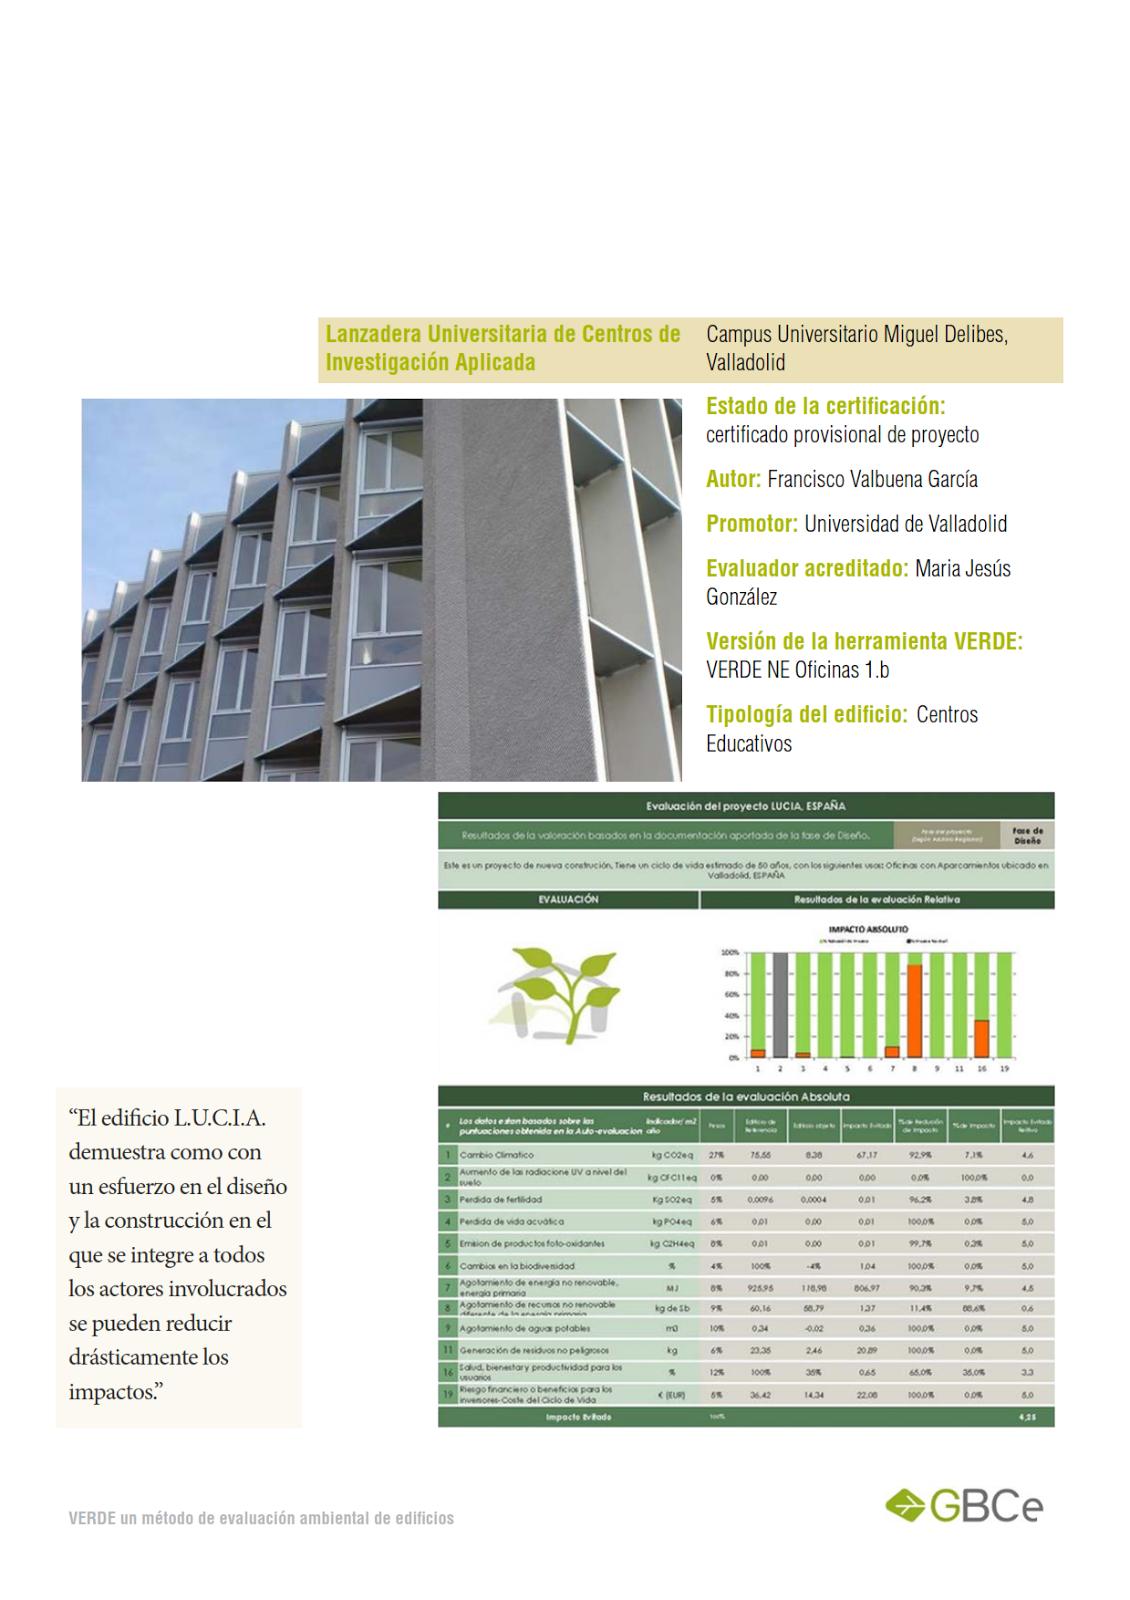 Apuntes revista digital de arquitectura verde un for Arquitectura verde pdf